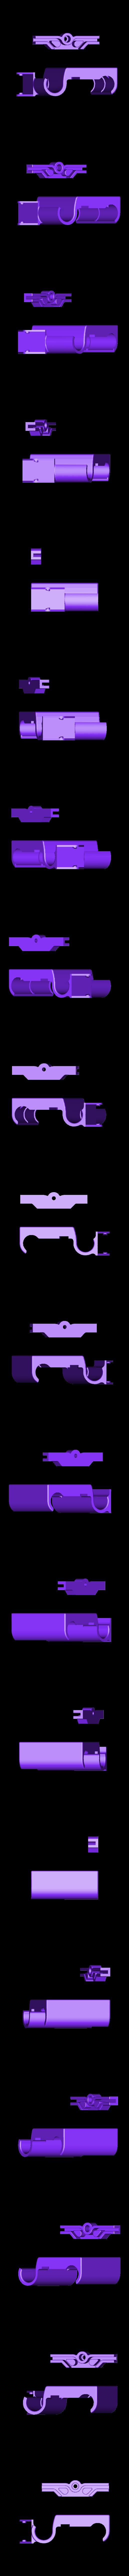 x_carriage_enzo1027_variant.stl Télécharger fichier STL gratuit Prusa i3 X-Carriage Prusa sans fermeture à glissière • Plan pour imprimante 3D, Palemar